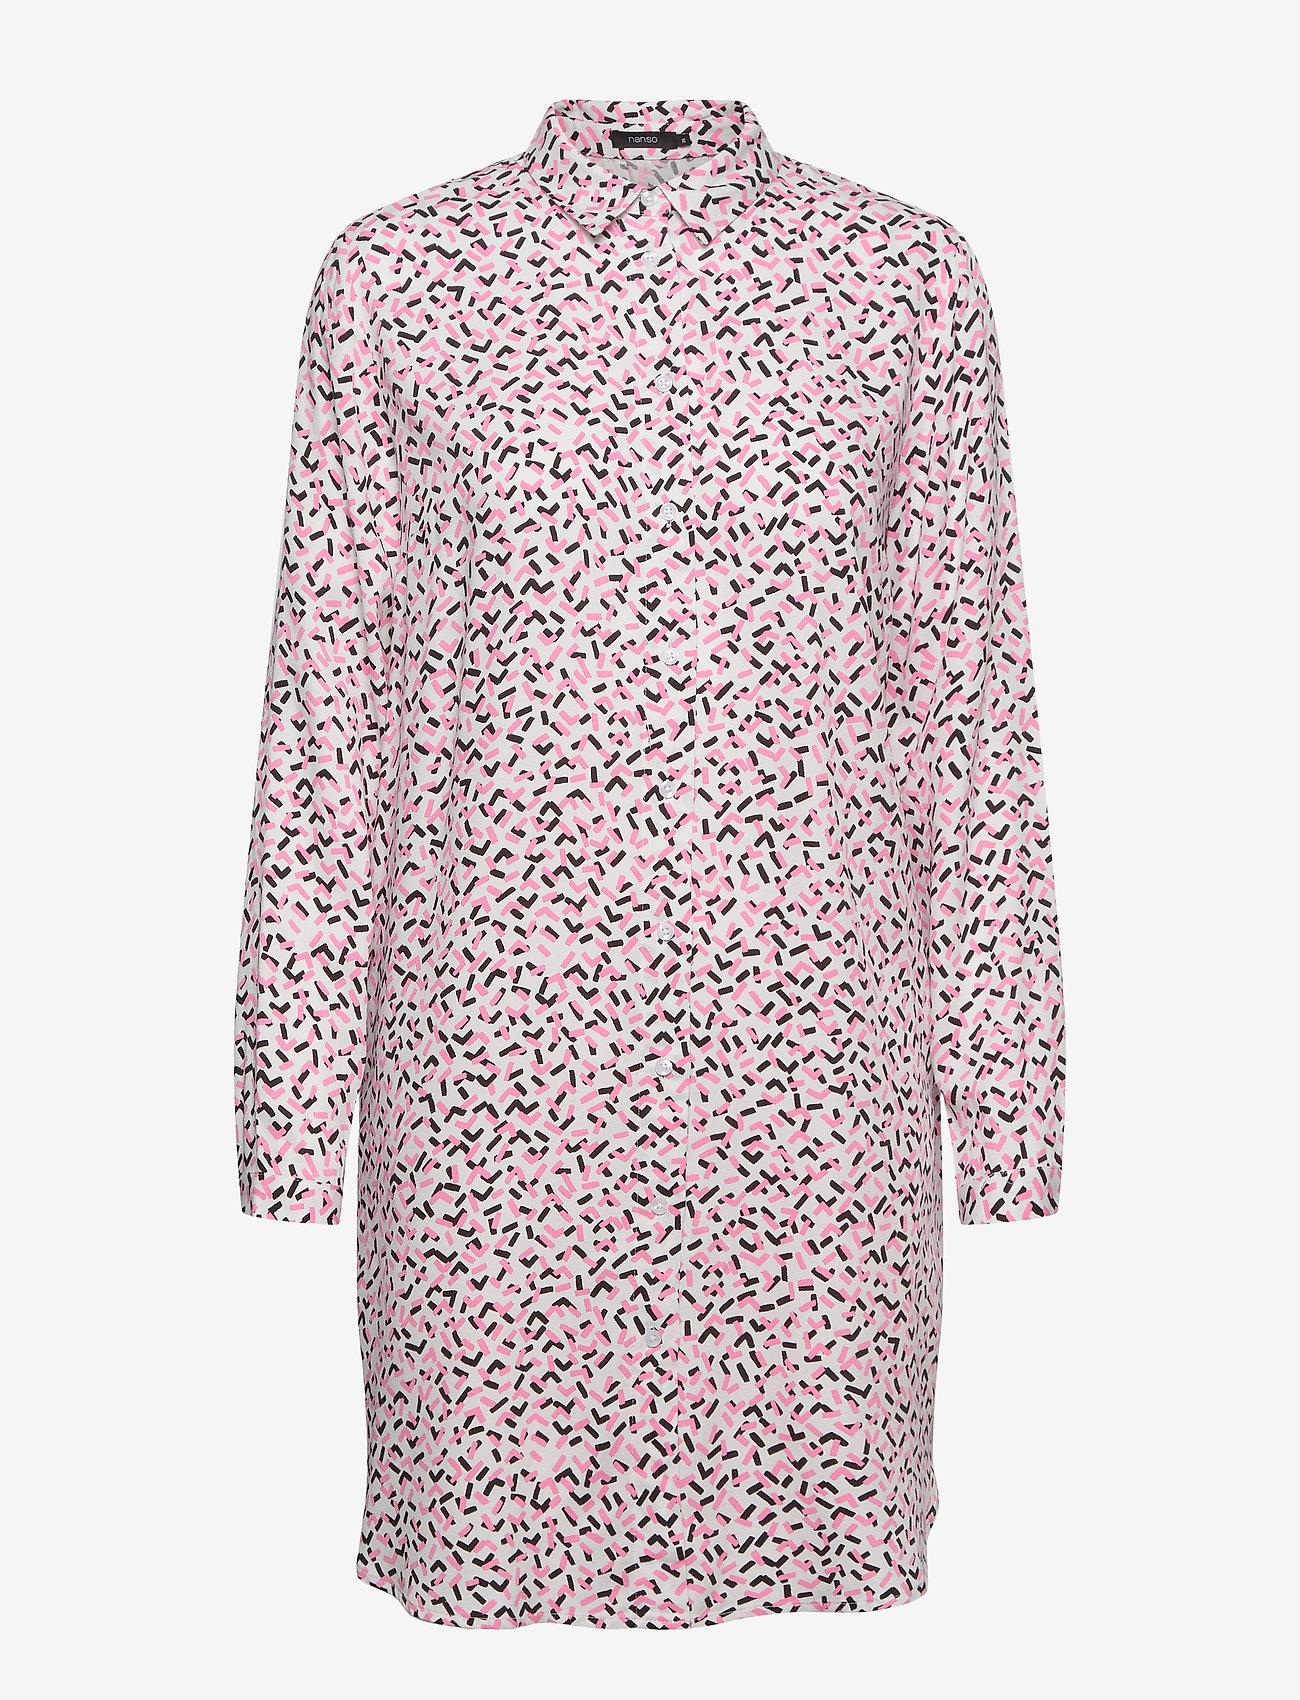 Nanso - Ladies shirt, Pätkät - alledaagse jurken - pink - 0